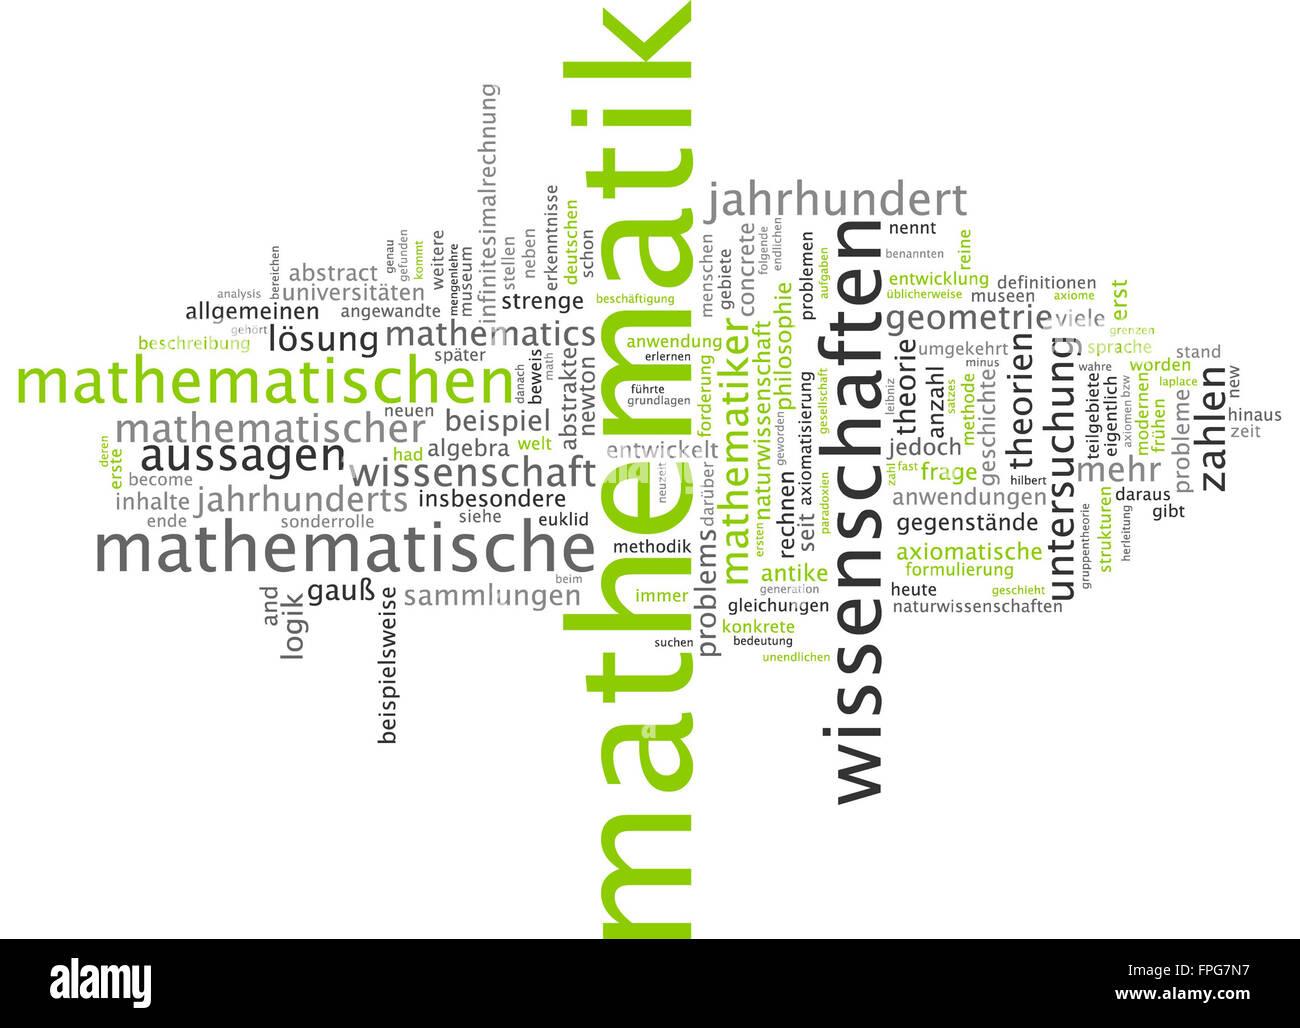 Mathematik Mathe Mathematisch Rechnen Algebra Stock Photo: 99931587 ...